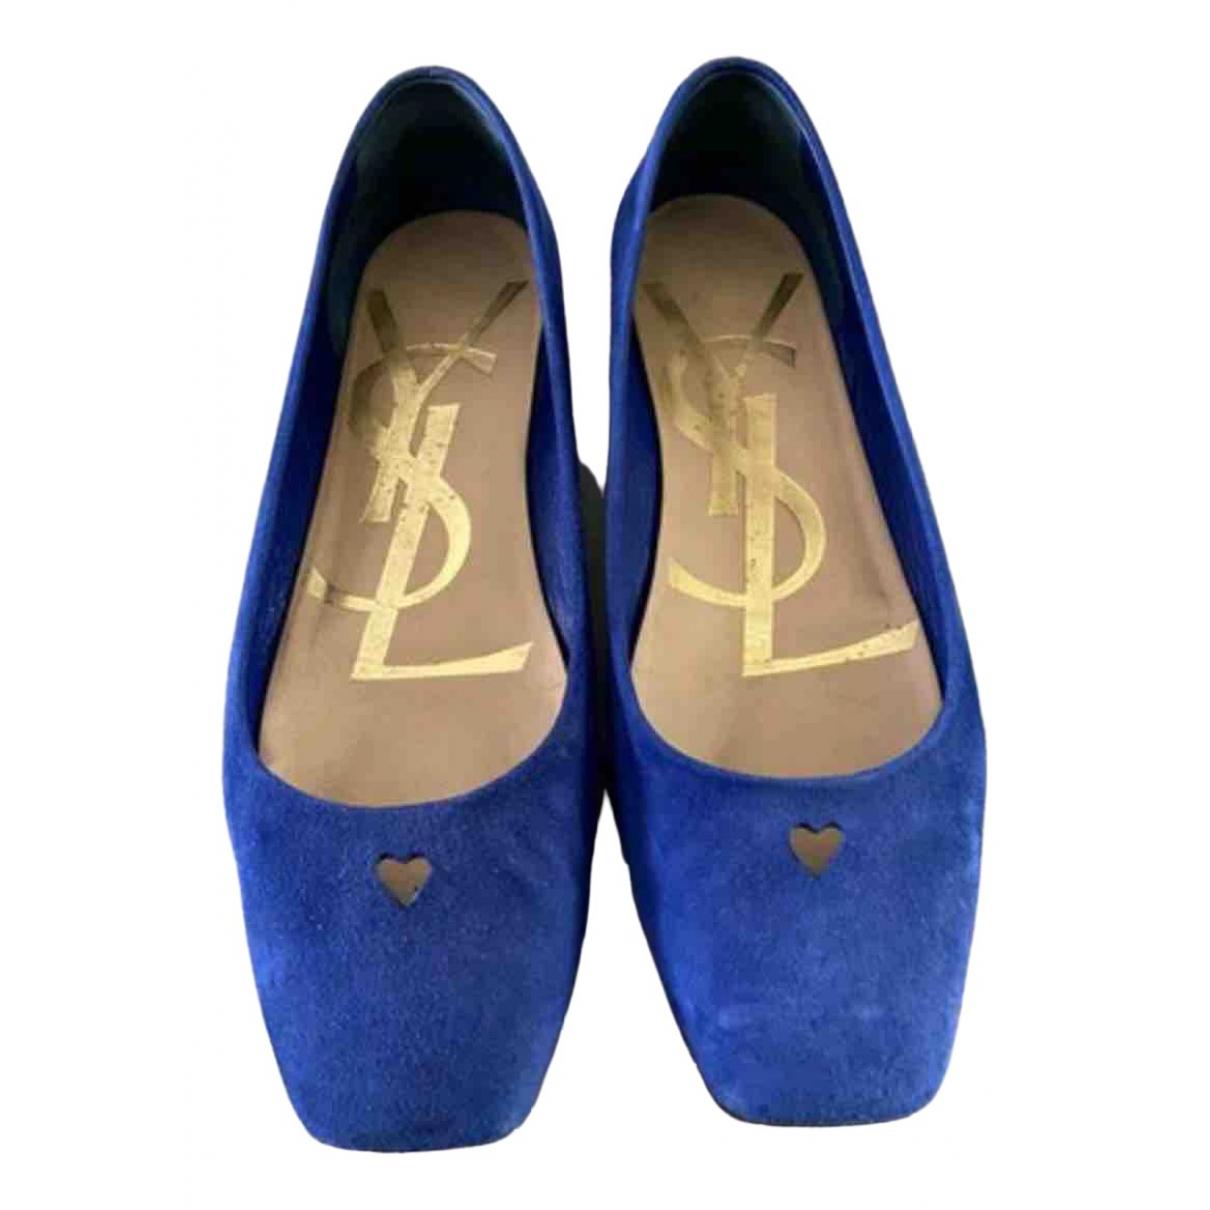 Yves Saint Laurent - Ballerines   pour femme en suede - bleu